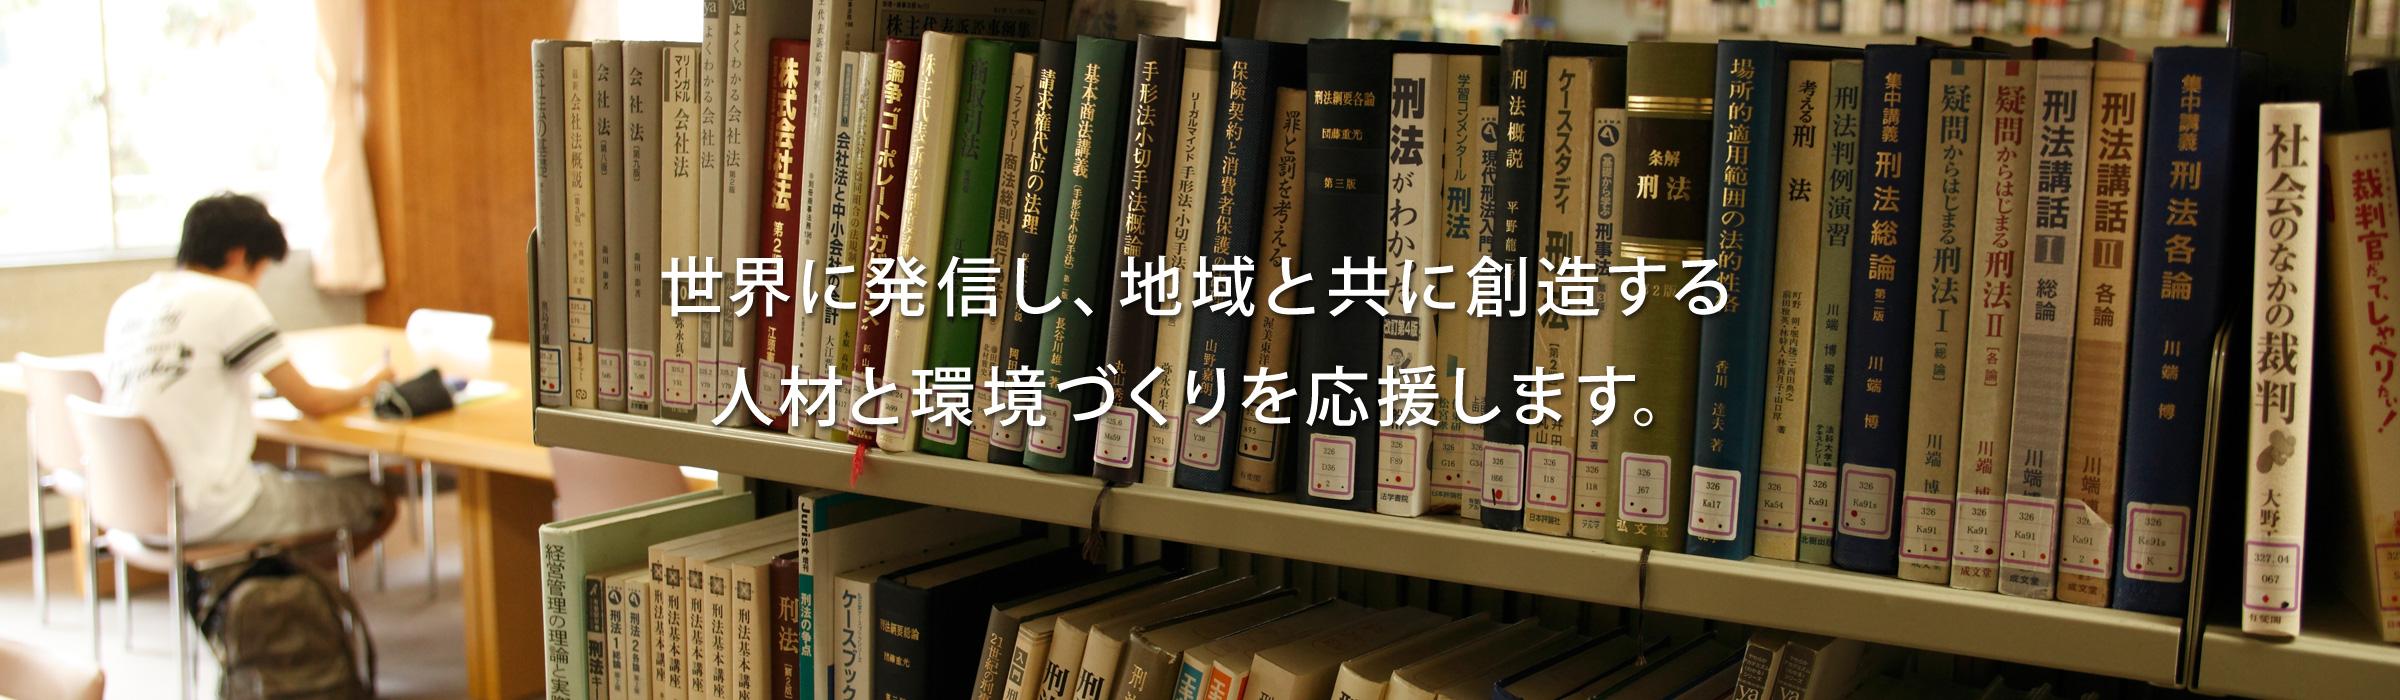 弘前大学基金は、学生支援、教育研究活動等の一層の充実を図ることを目的としています